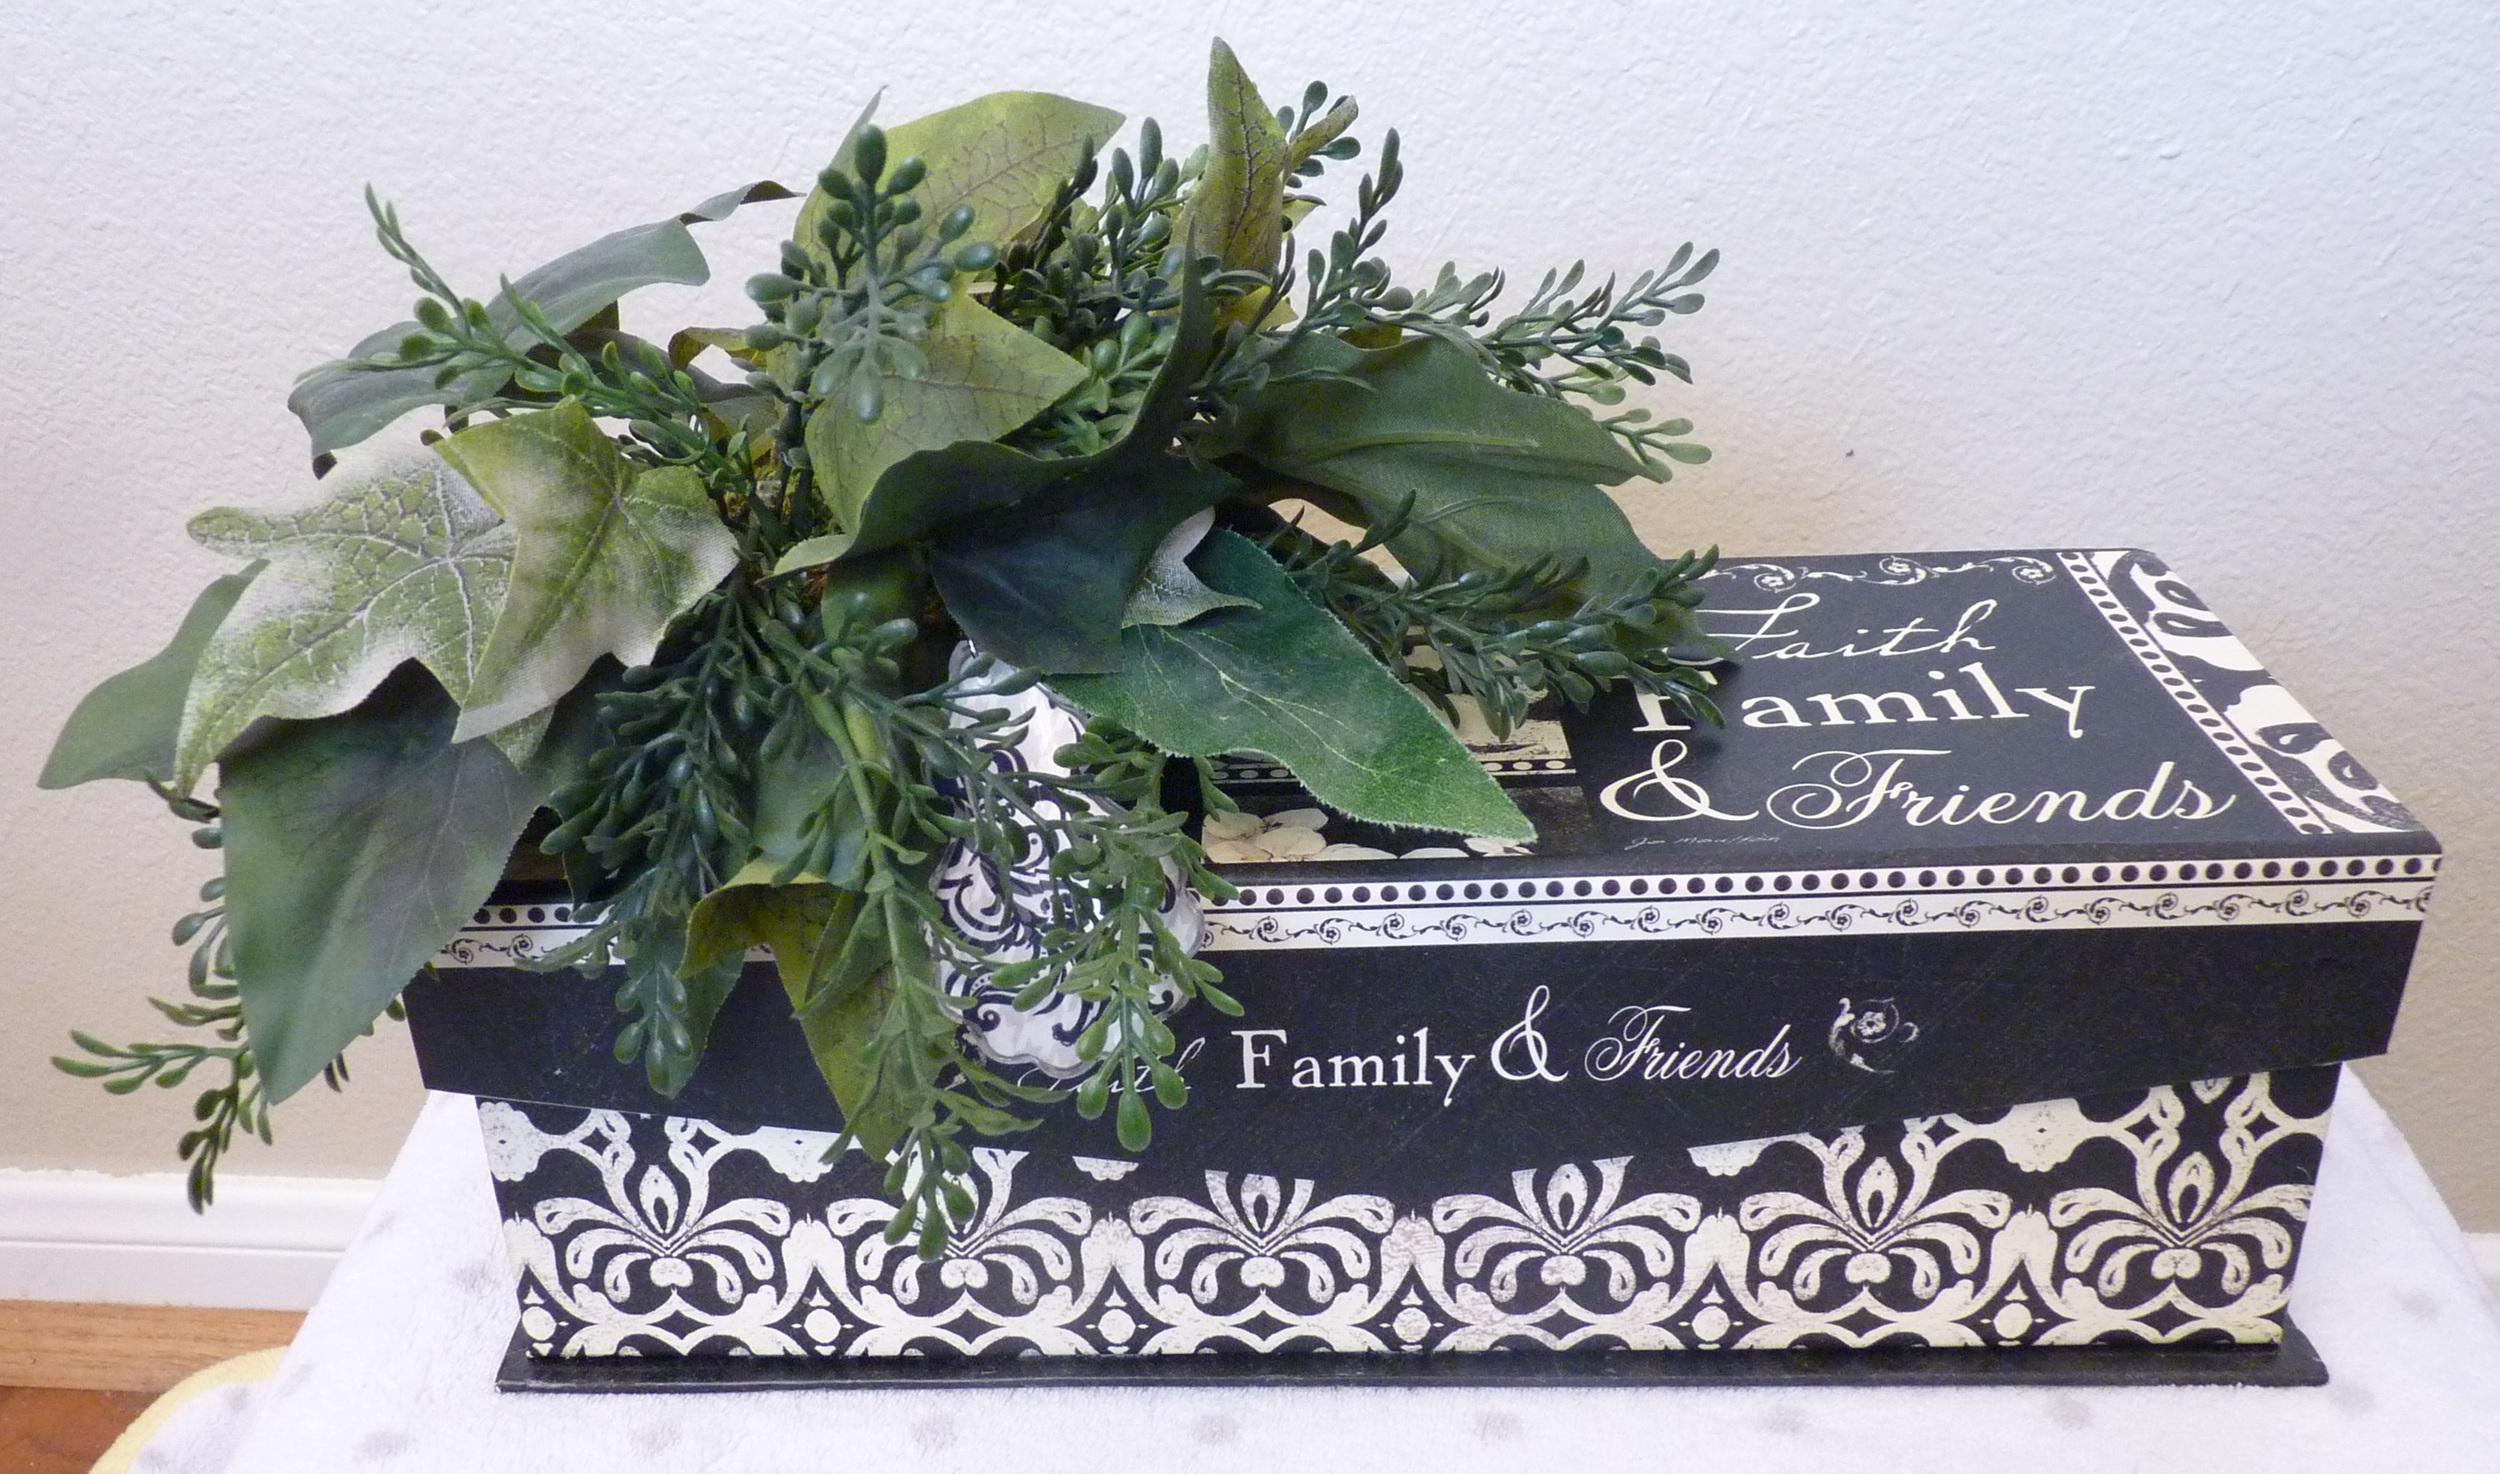 Faith & Family Gift Box